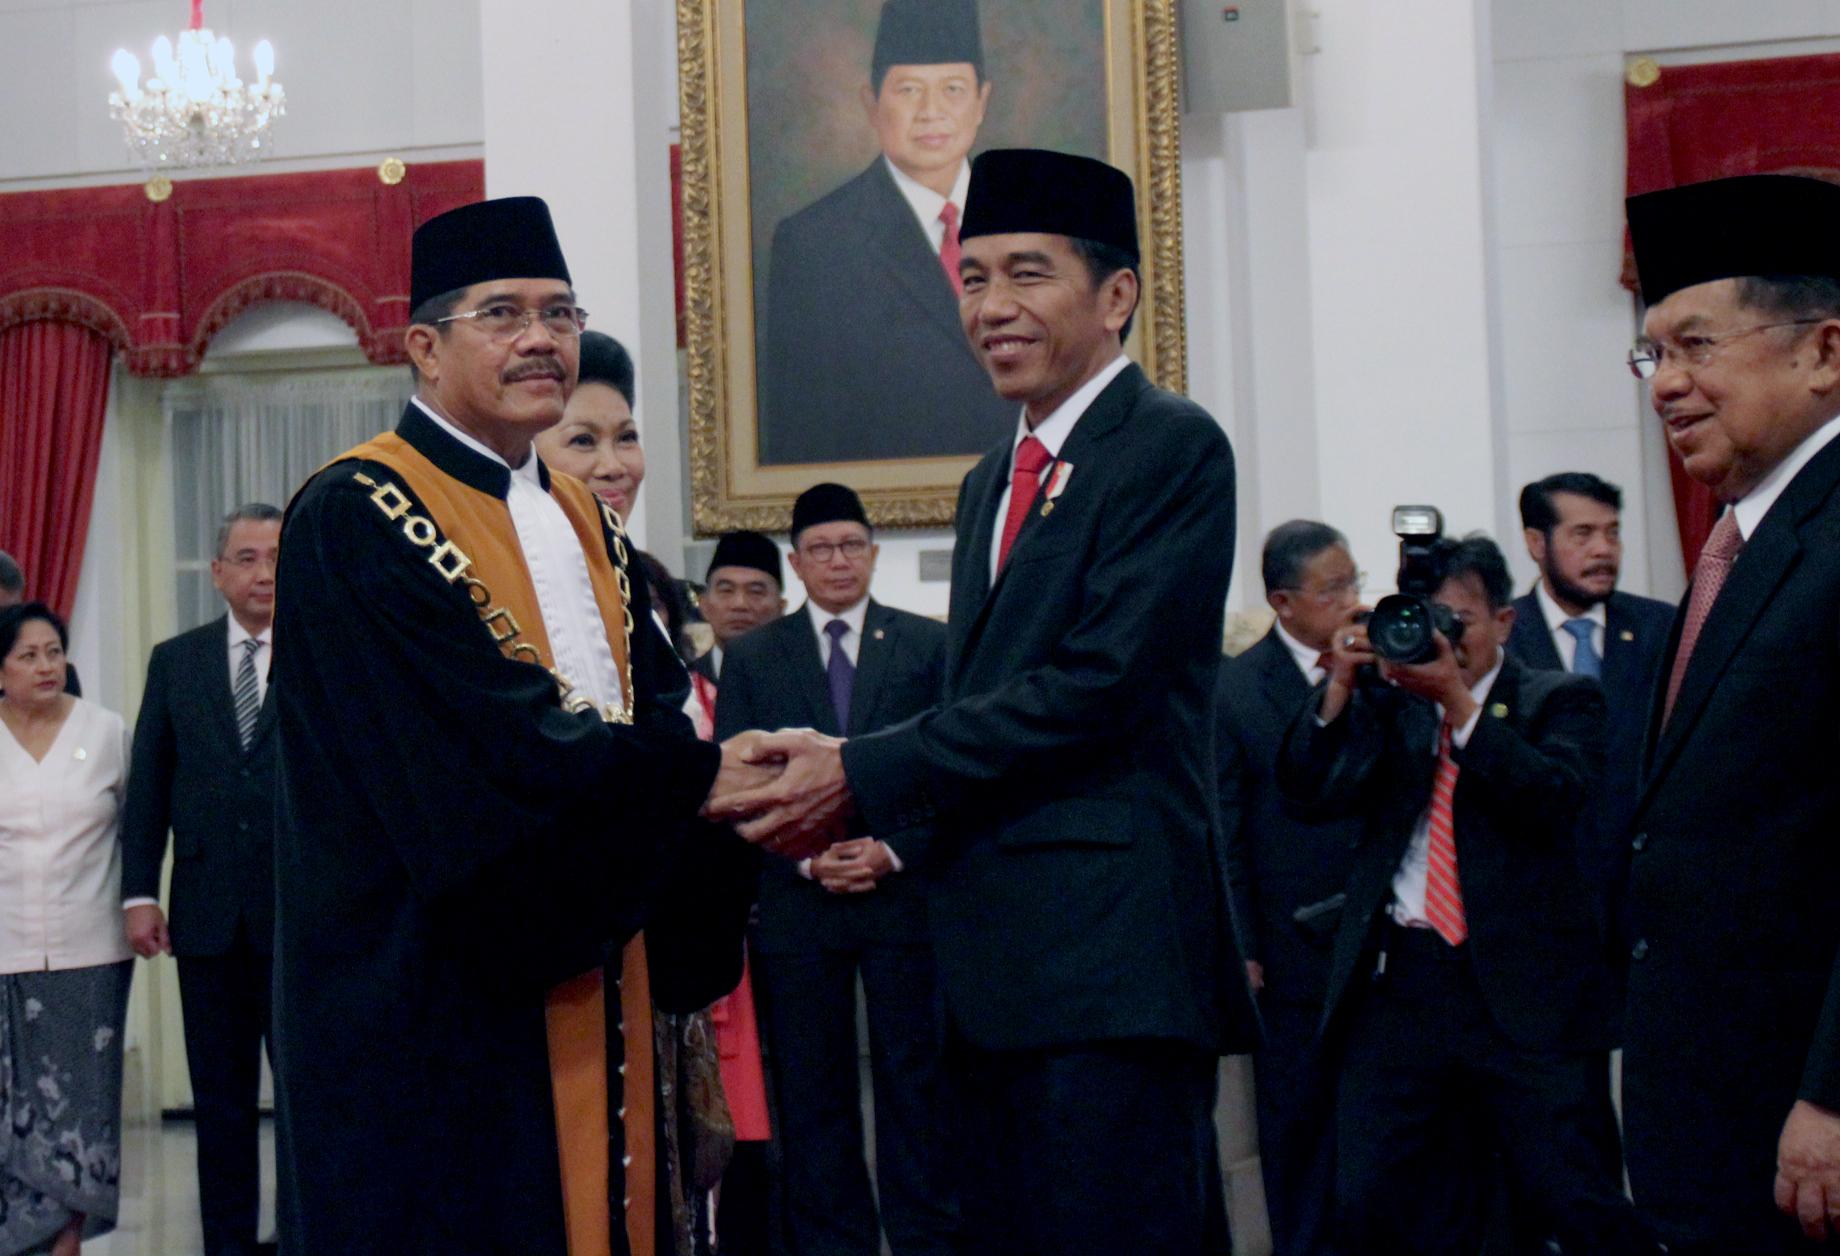 Presiden Jokowi bersama Wakil Presiden Jusuf Kalla memberikan ucapan selamat kepada M. Hatta Ali, seusai pelantikannya sebagai Ketua MA periode 2017-2021, di Istana Negara, Jakarta, Rabu (1/3) pagi. (Foto: JAY/Humas)